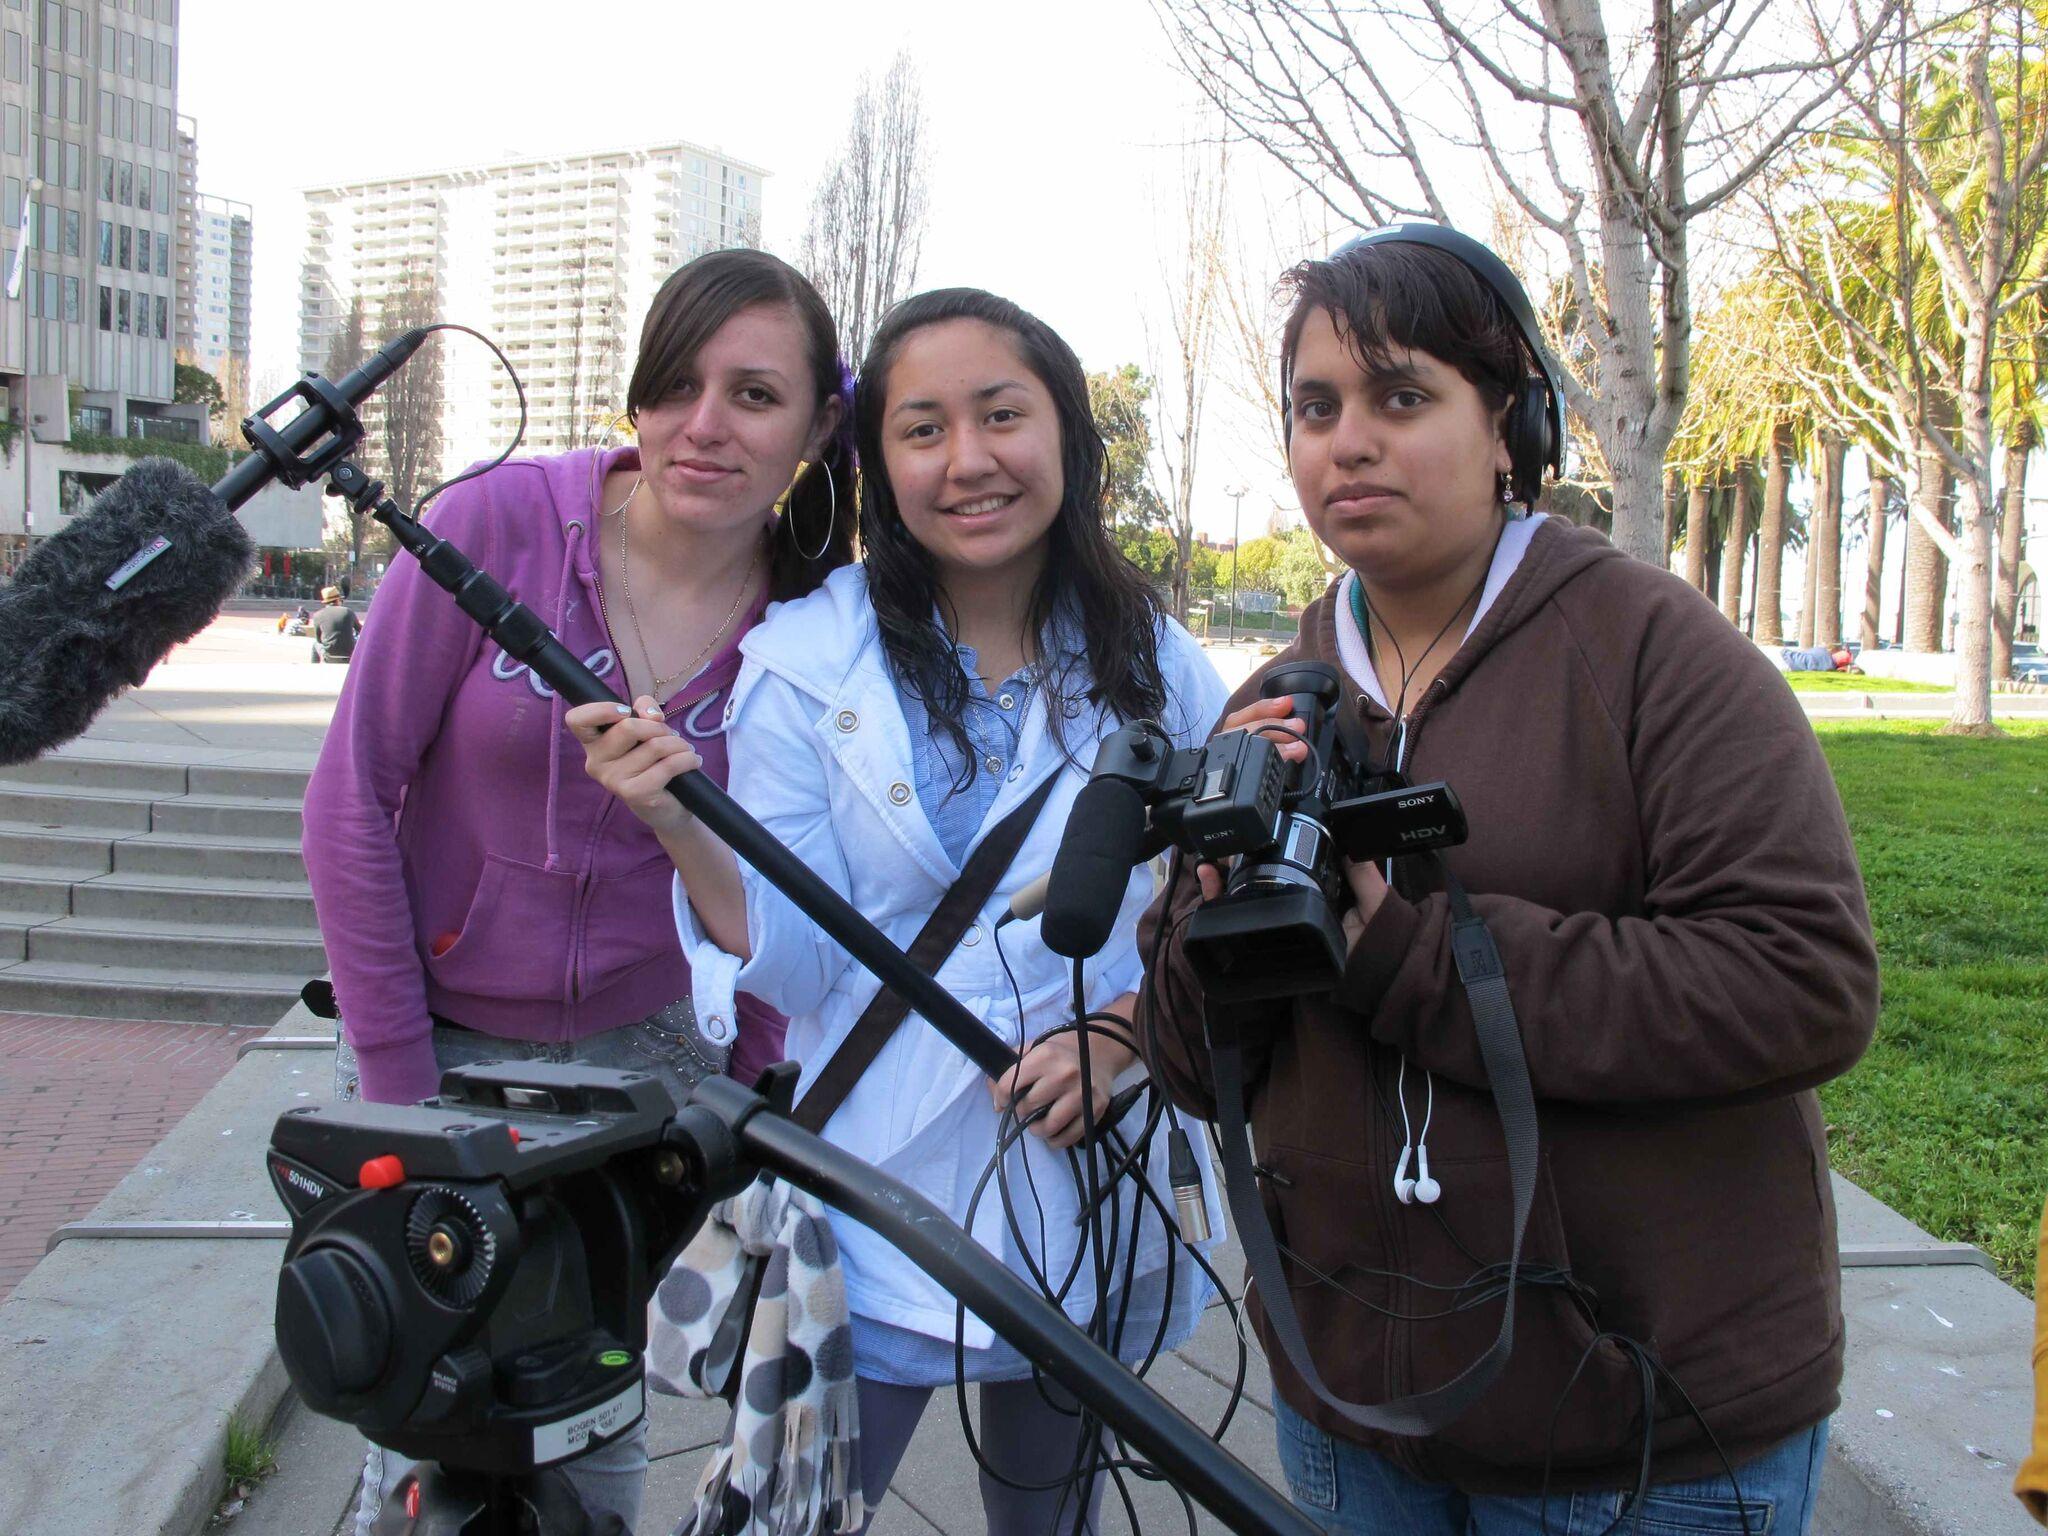 youthbeat_2010_video_production_company.jpeg